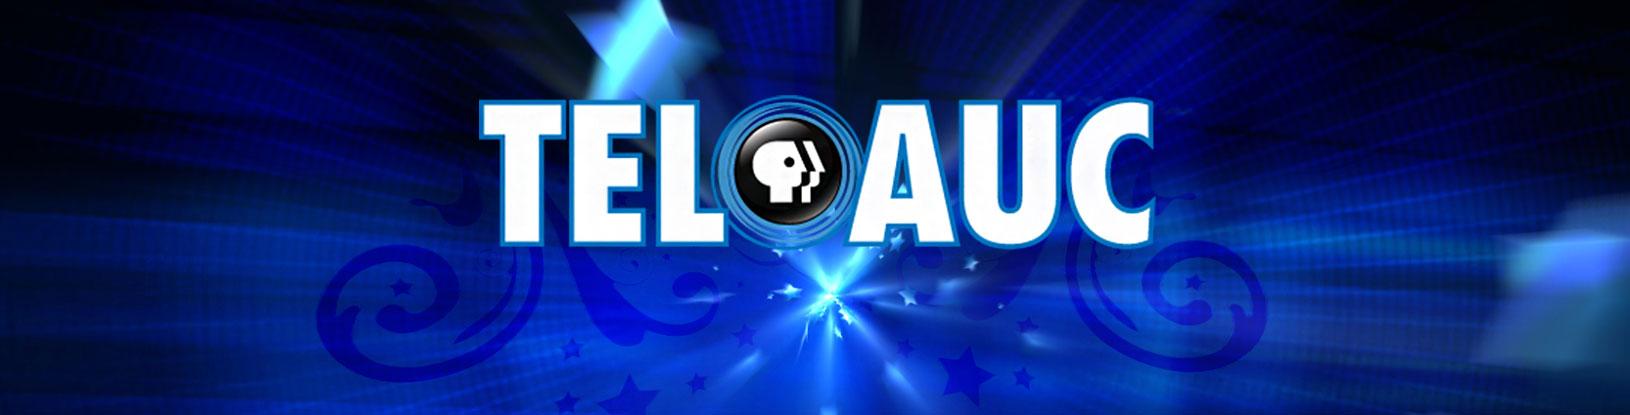 TelAuc